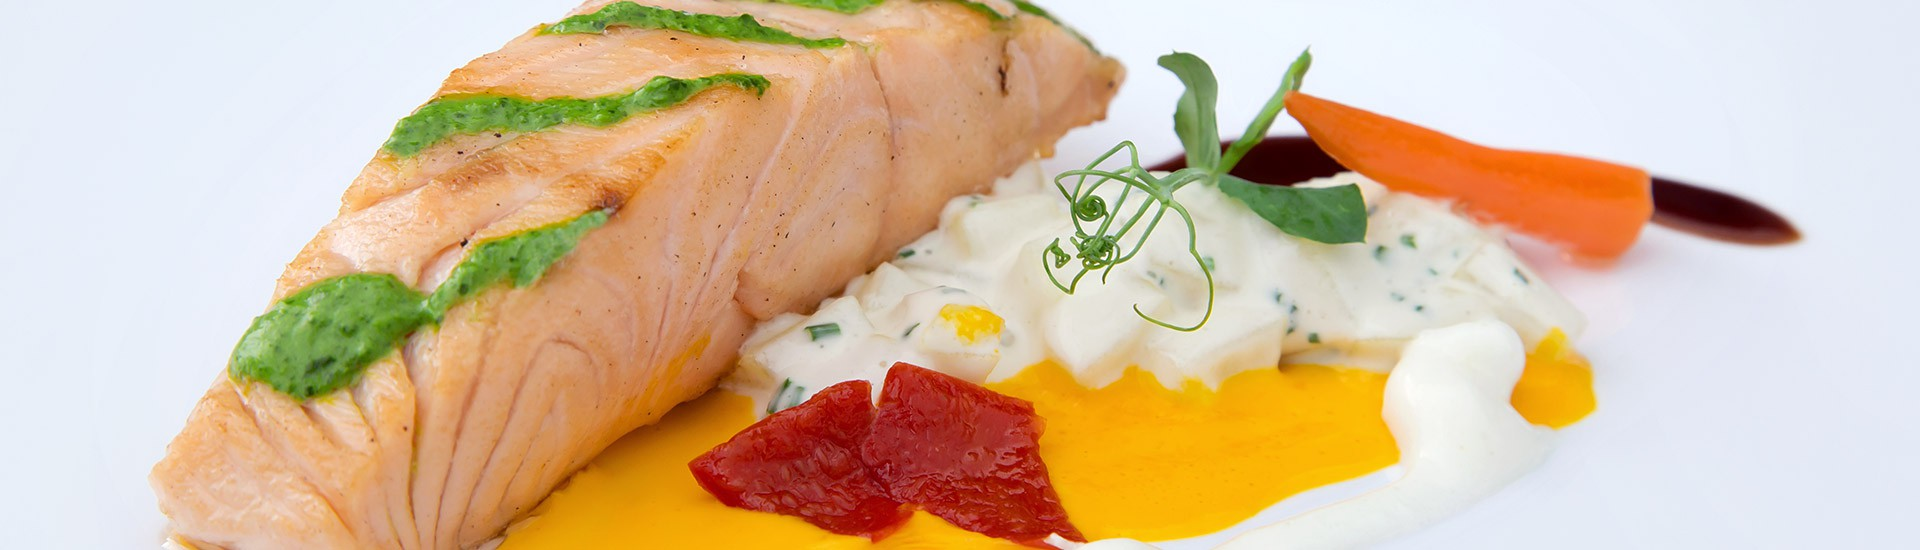 Hochzeitsessen im Restaurant Feilmeiers Landleben